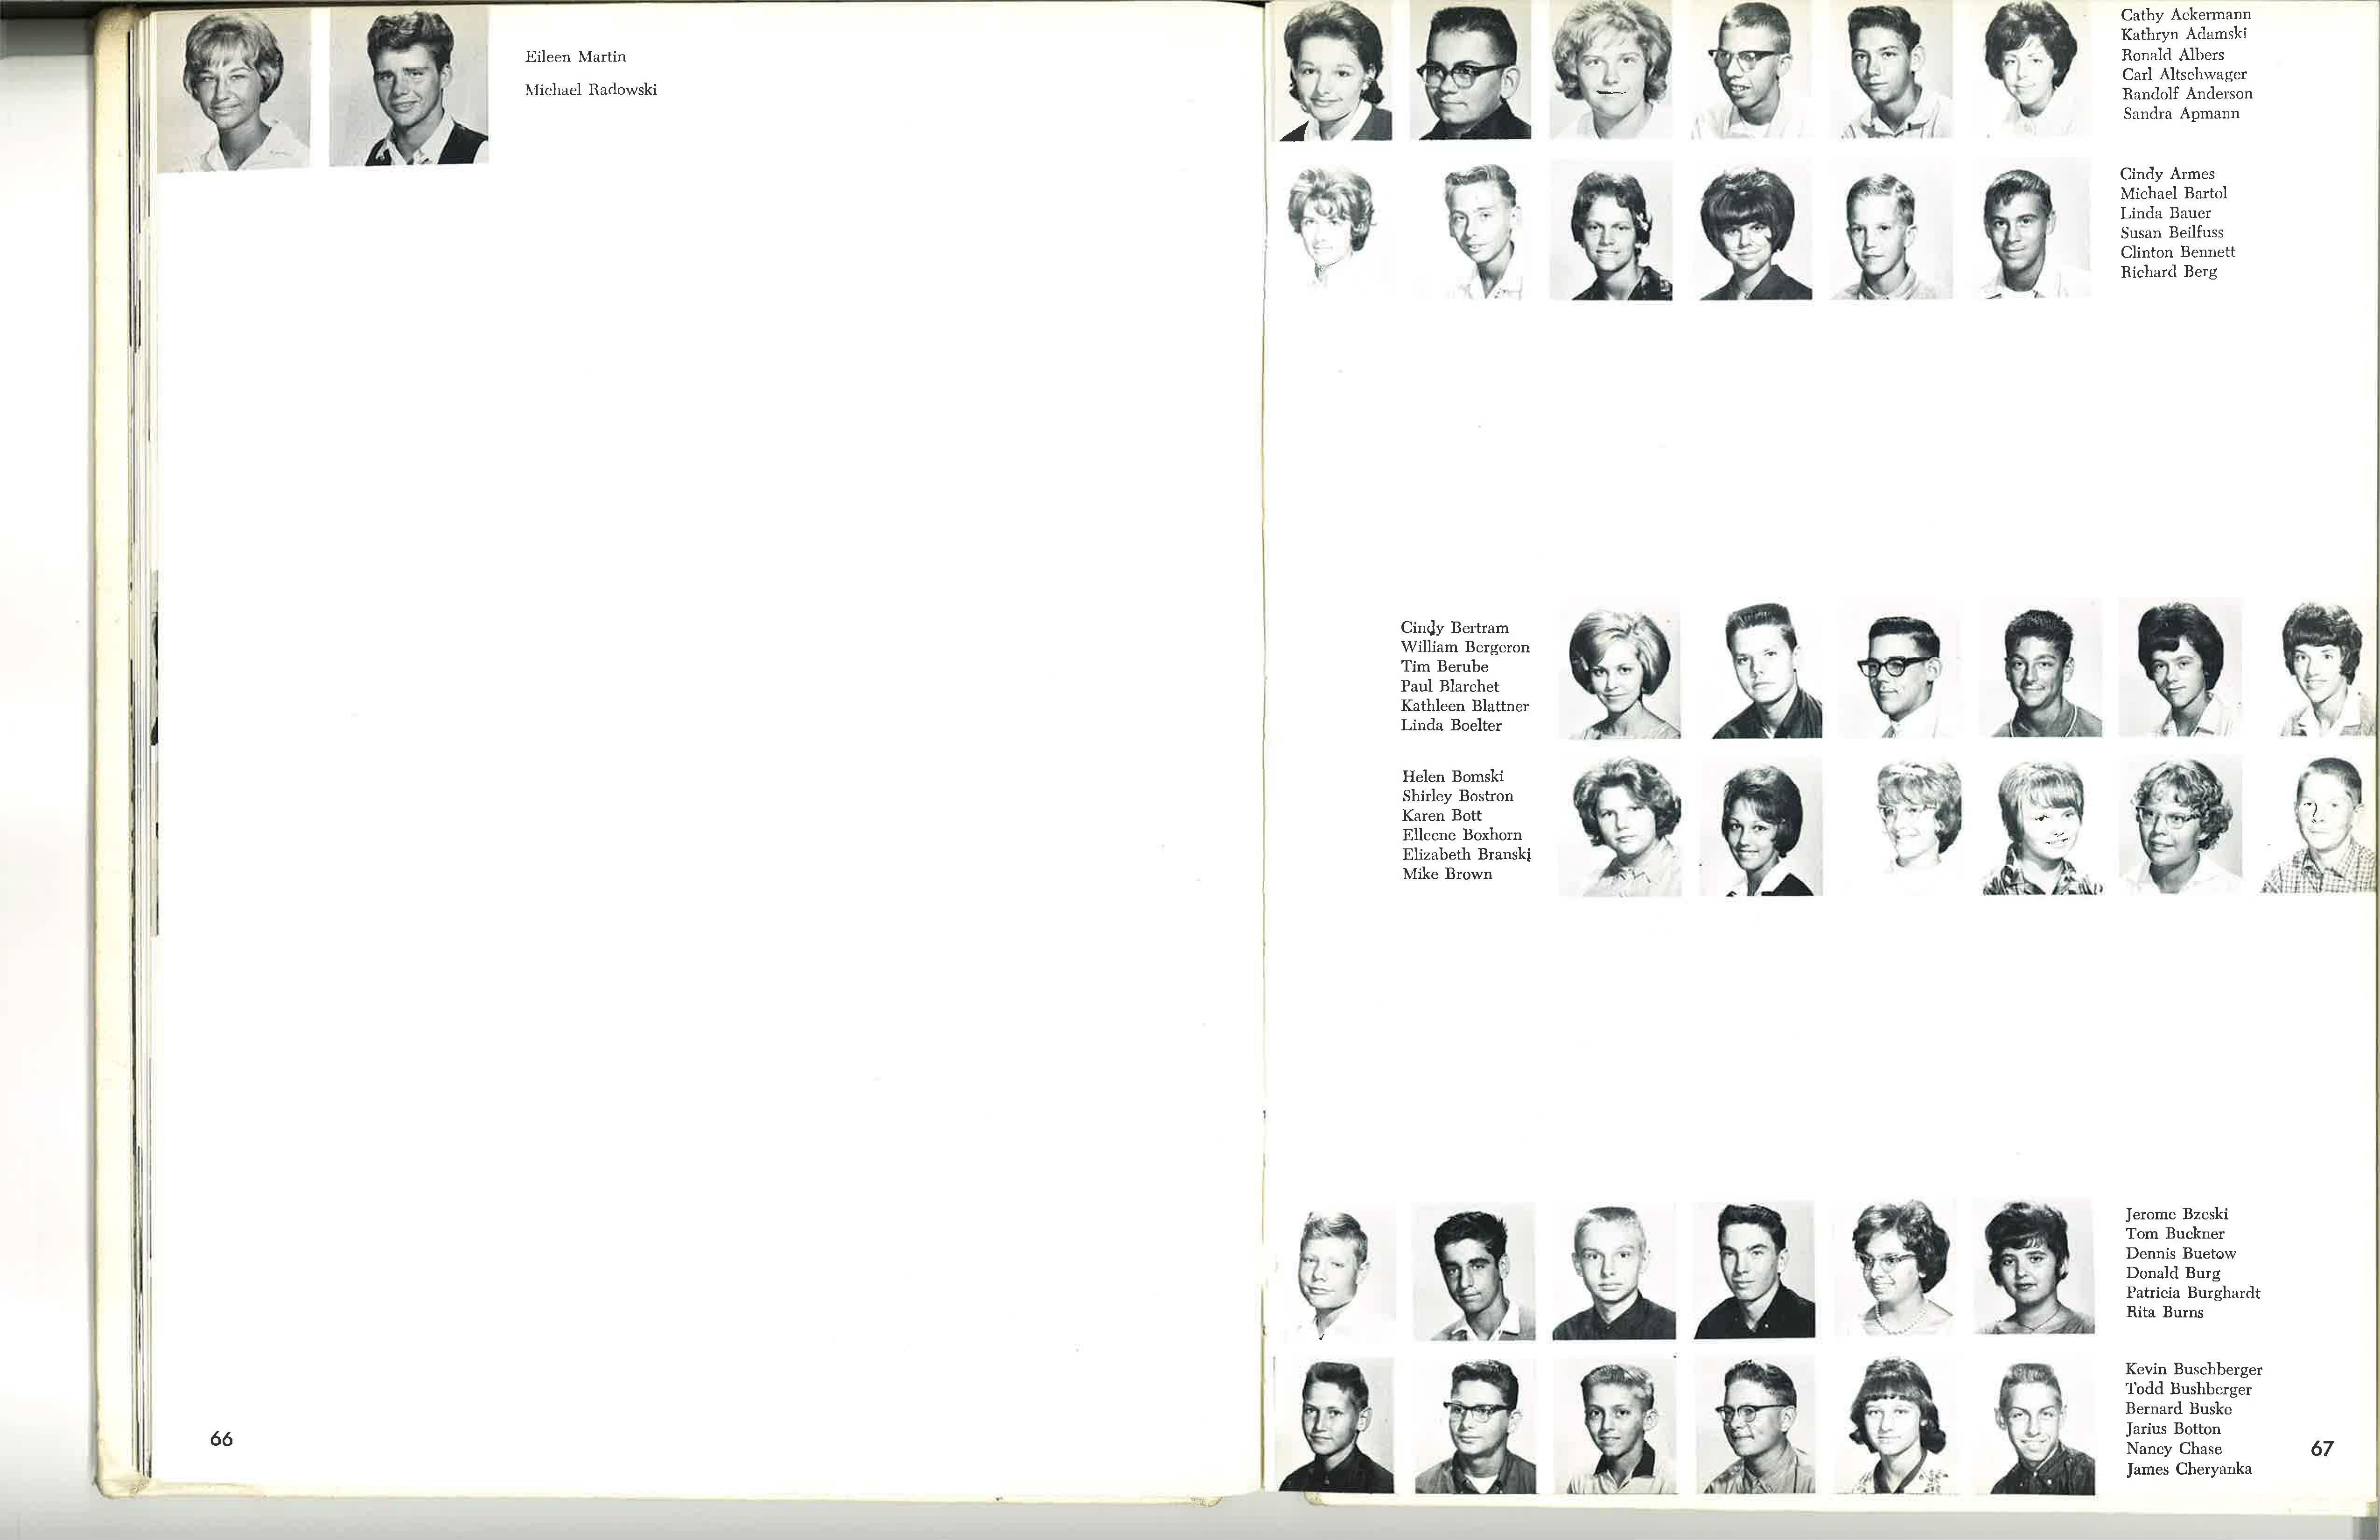 1964_Yearbook_Freshmen_66-67.jpg